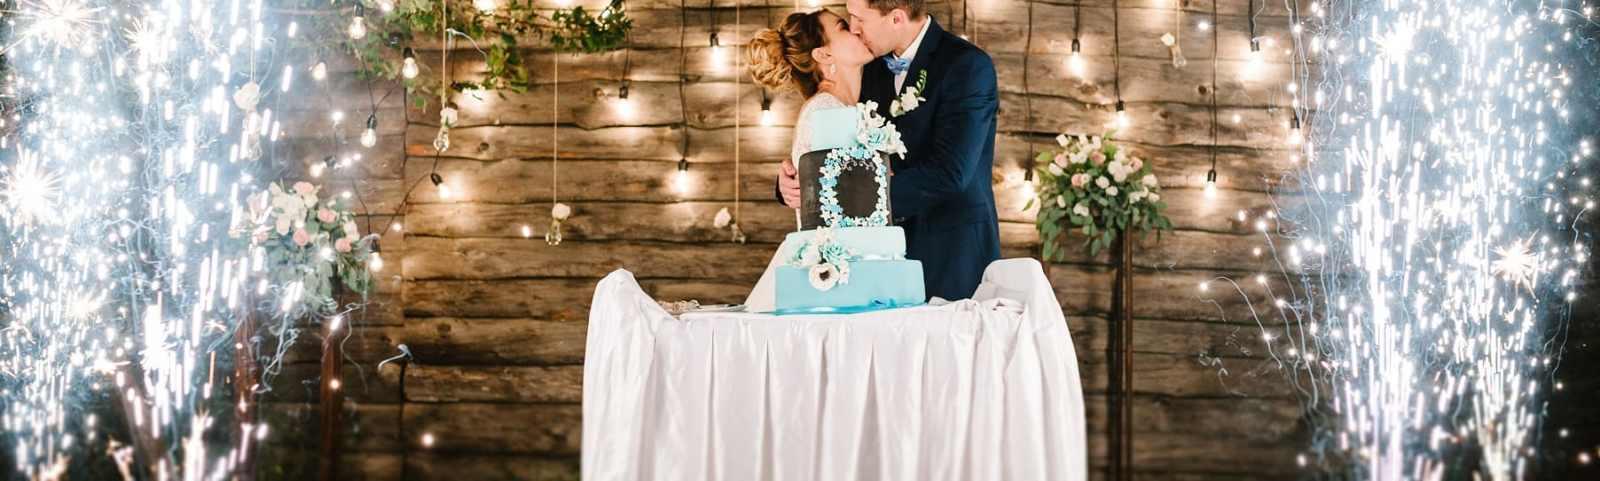 Jakie fajerwerki sprawdzą się podczas sesji ślubnej?